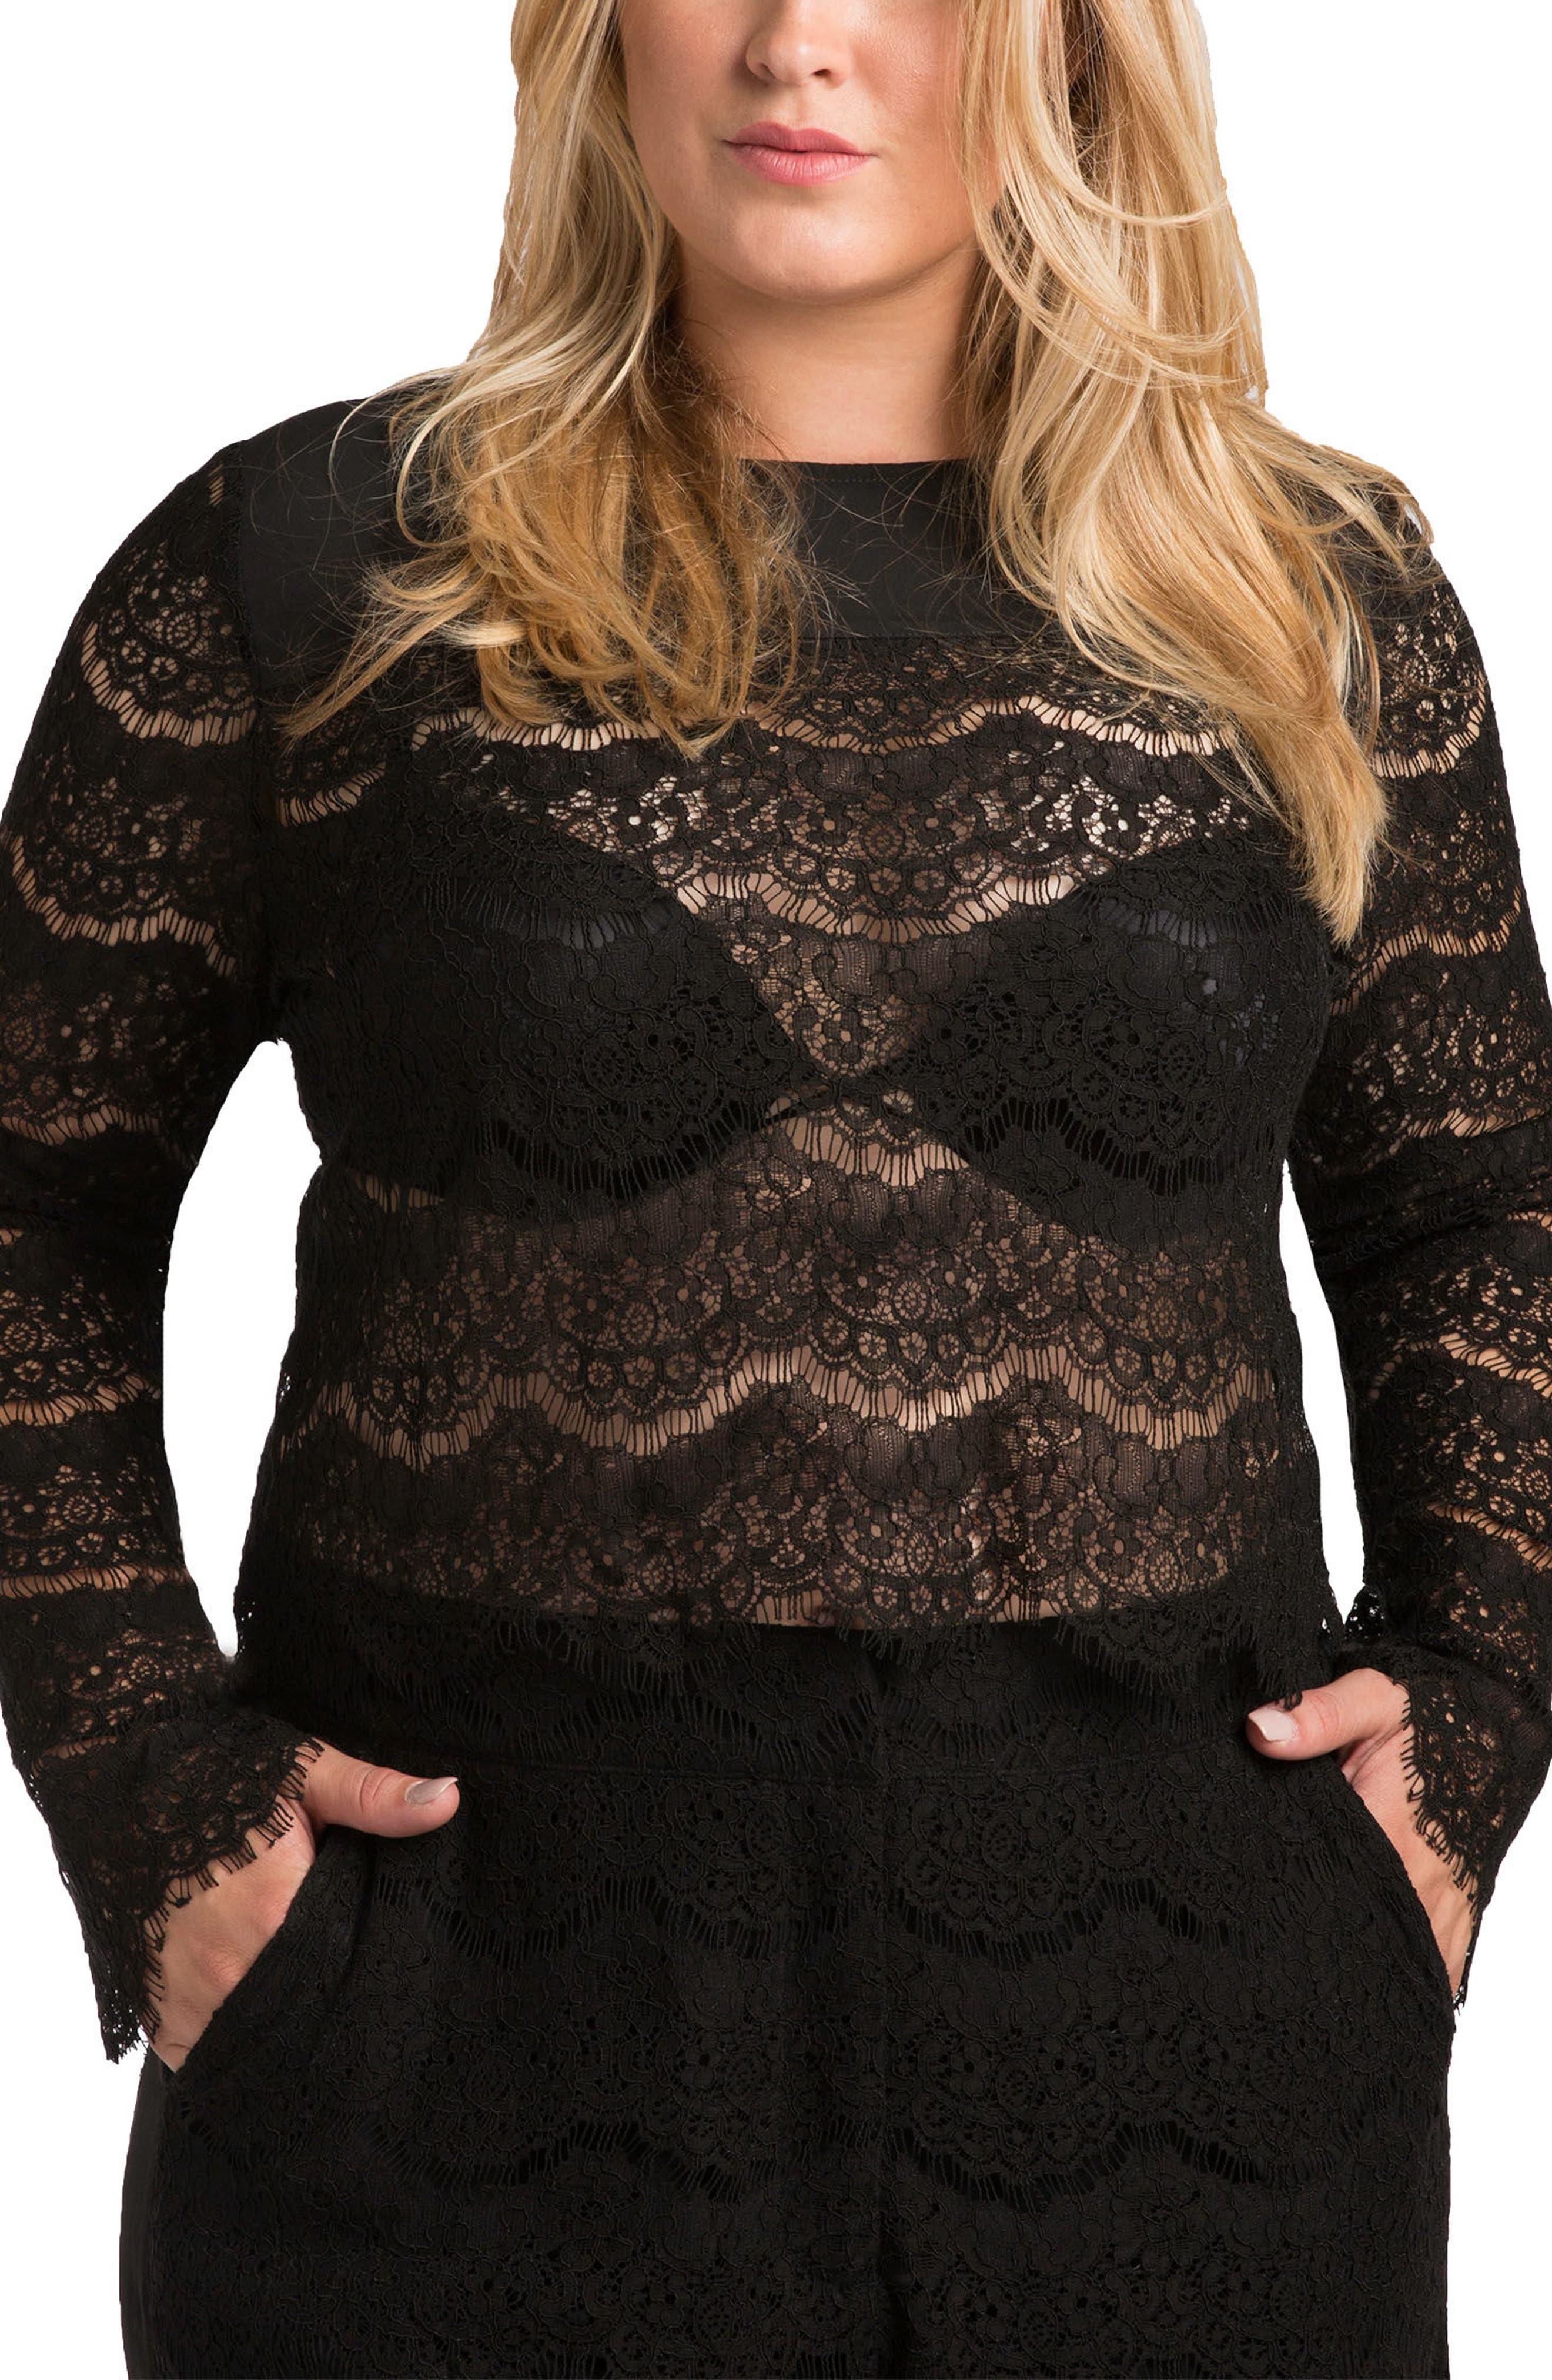 Sydney Lace Skimmer Top,                         Main,                         color, BLACK